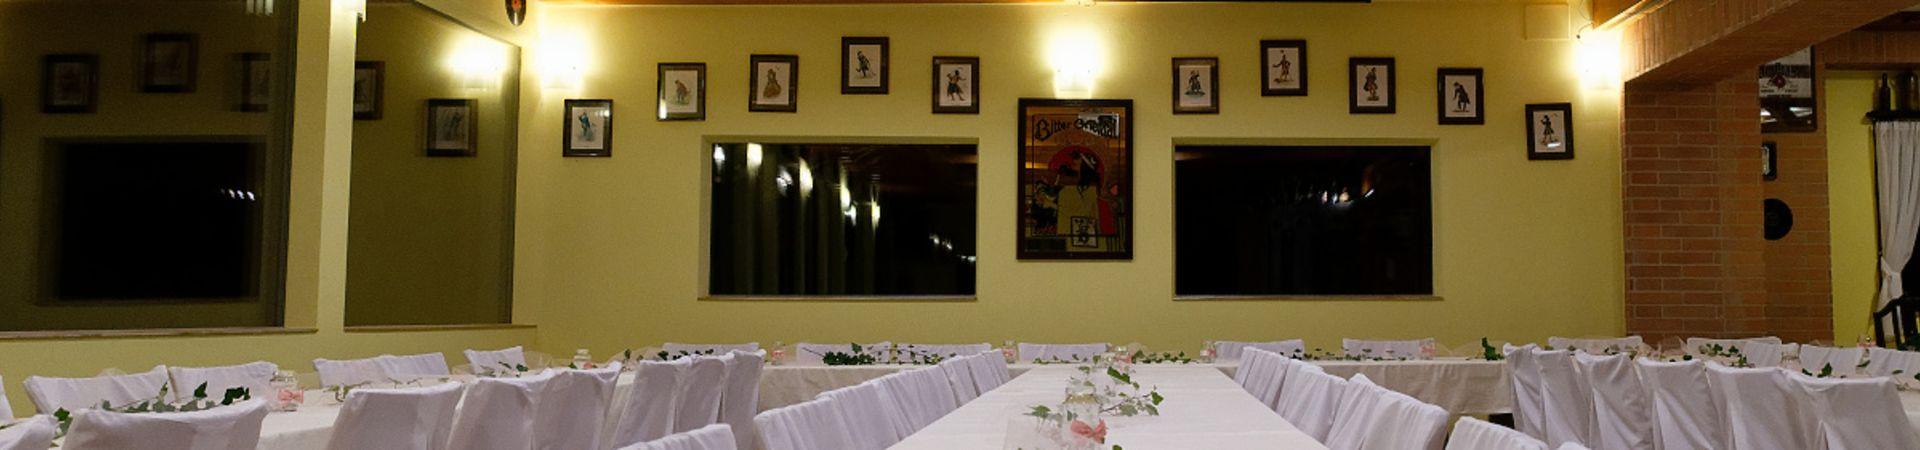 Penzion Kamínek - Sál – školící místnost